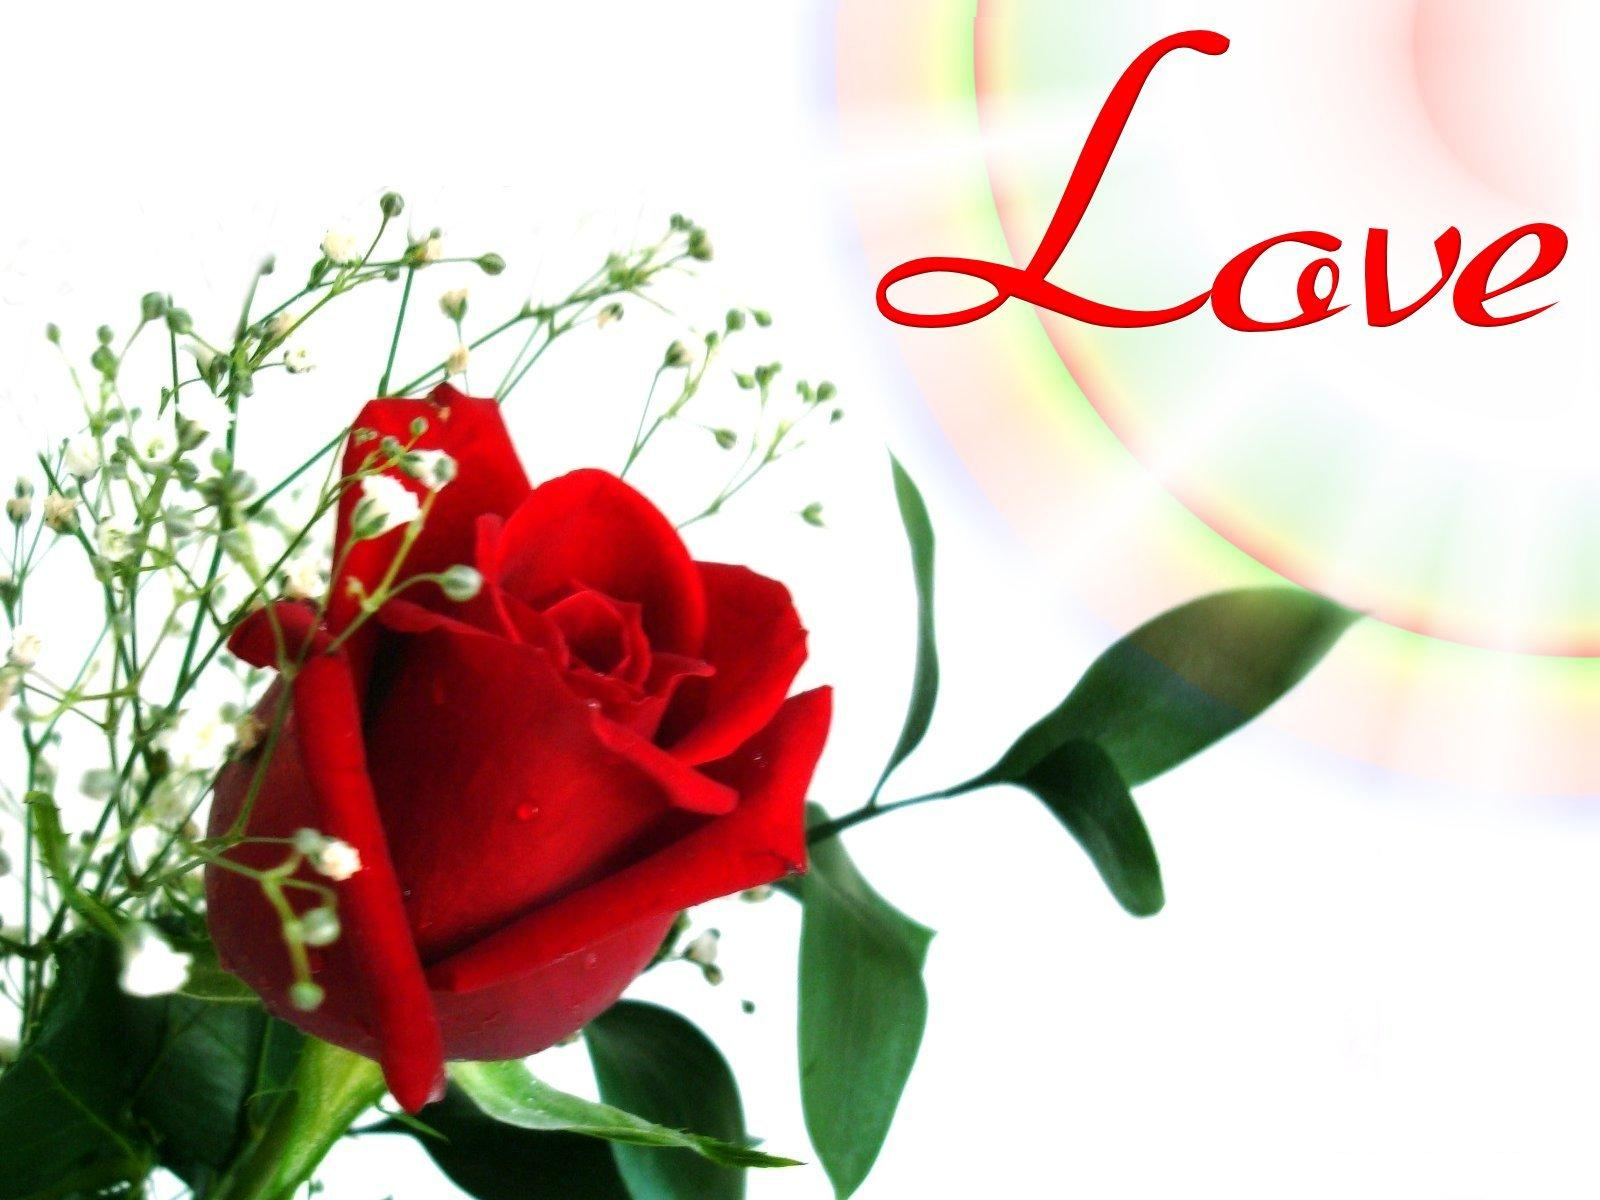 flower wallpaper red rose  wallpapersafari, Beautiful flower